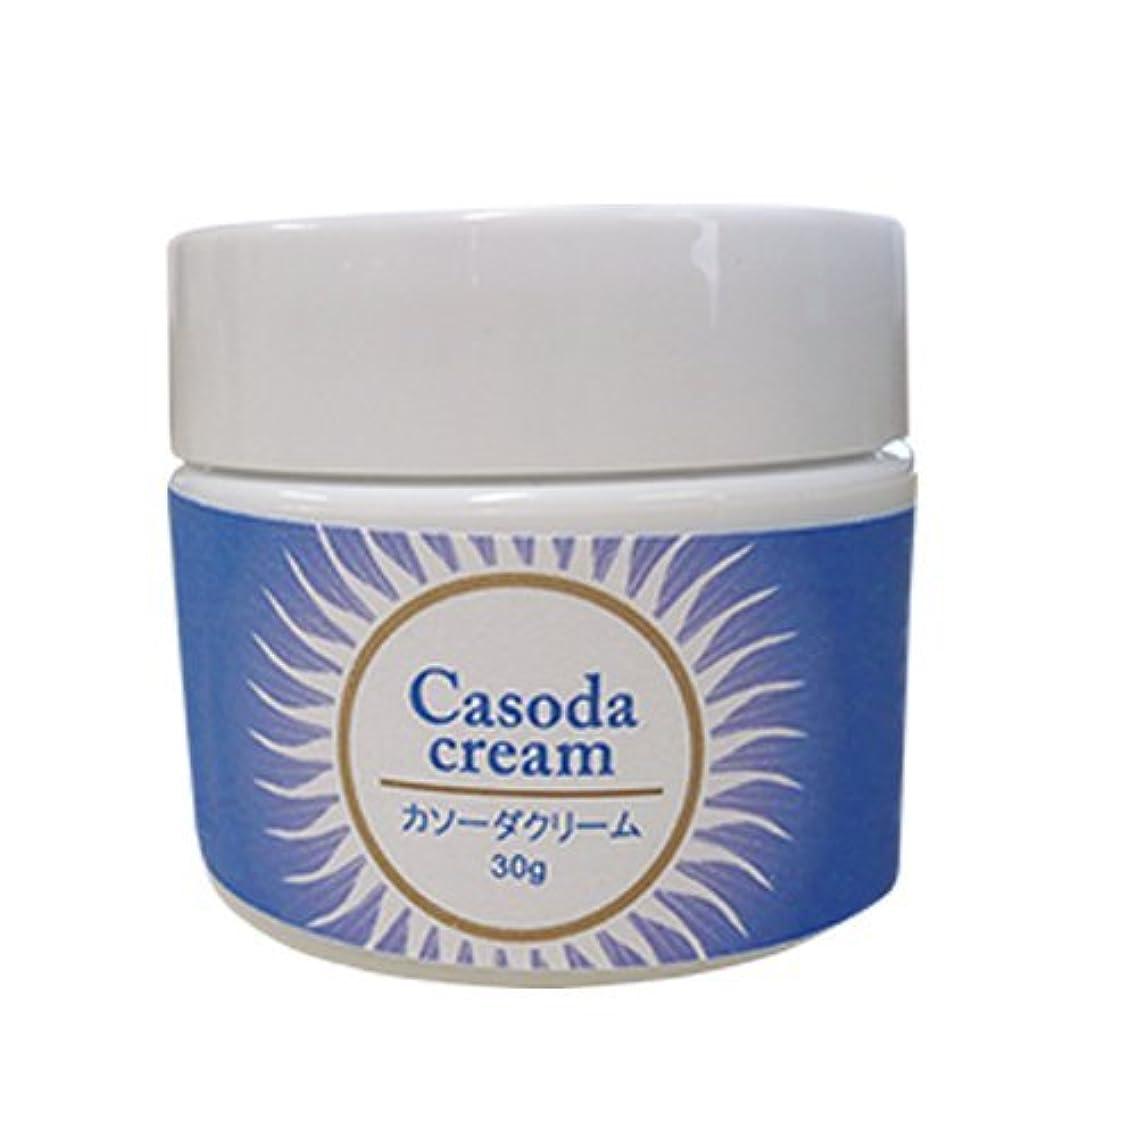 上流の不合格バッジcasoda カソーダ クリーム 30g